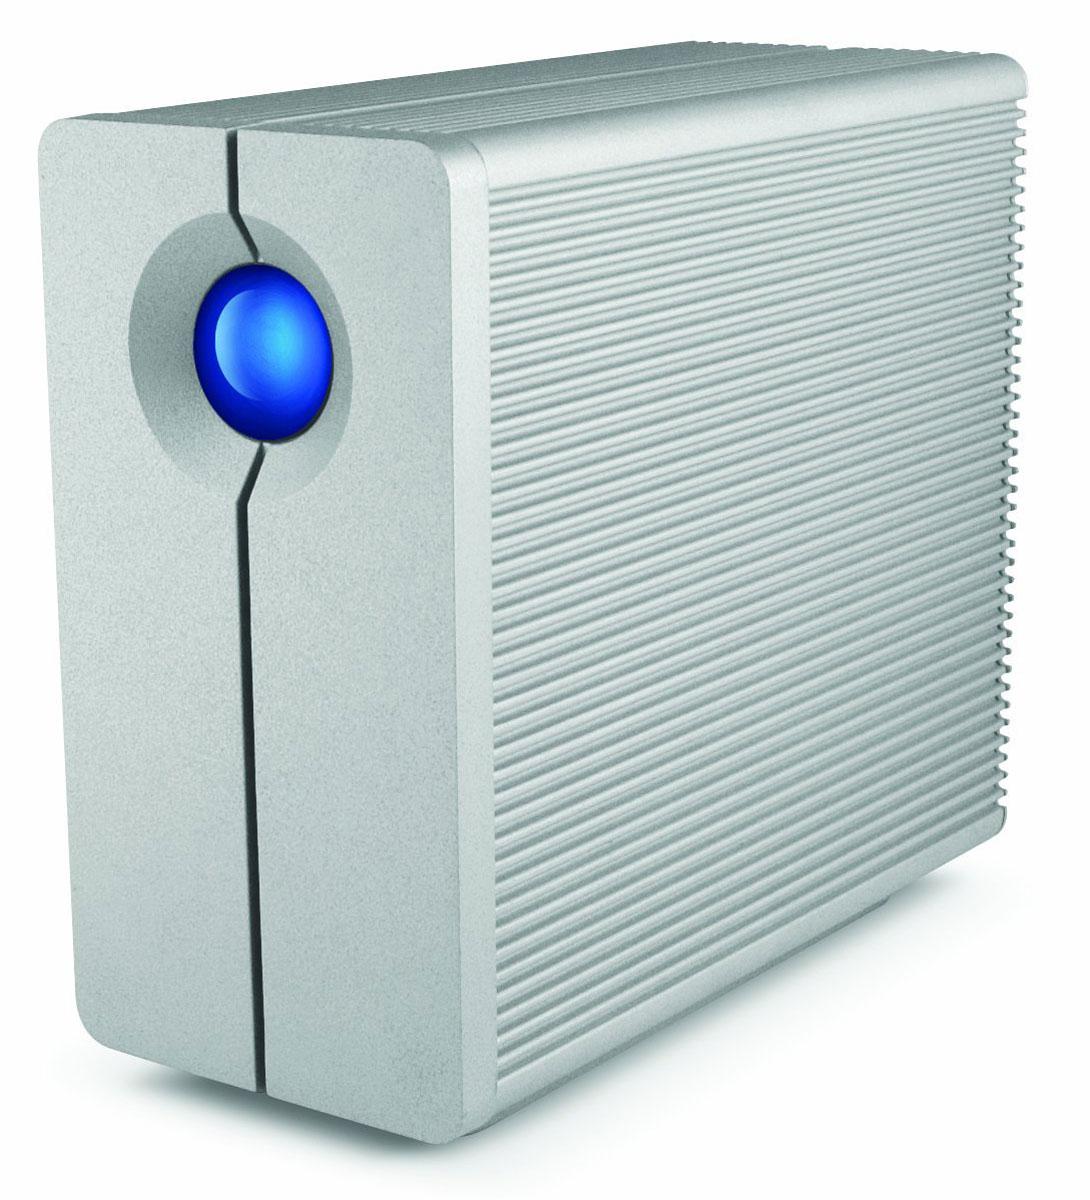 LaCie 2big Quadra 8TB сетевое хранилищеLAC9000317LaCie 2big Quadra представляет собой внешний стационарный накопитель, позволяющий обеспечить надежное хранение большого объема данных, быстрый доступ к ним посредством подключения с любого компьютера, ноутбука или другого устройства. Накопитель был разработан полностью с нуля и отвечает самым высоким требованиям современности. Так, он оборудован портом USB 3.0, обеспечивающим скорость передачи данных до 5 Гбит/с, а также двумя разъемами FireWire 800. Сетевой накопитель оборудован еще более продвинутой системой охлаждения, которая стала на 50% тише, чем в предыдущем поколении устройства, эффективность работы которой также значительно возросла. LLaCie 2big Quadra - это идеальное решение для резервного копирования, создания различного цифрового контента, редактирования видео и аудио, а также других задач, требующих скоростного обмена данными.